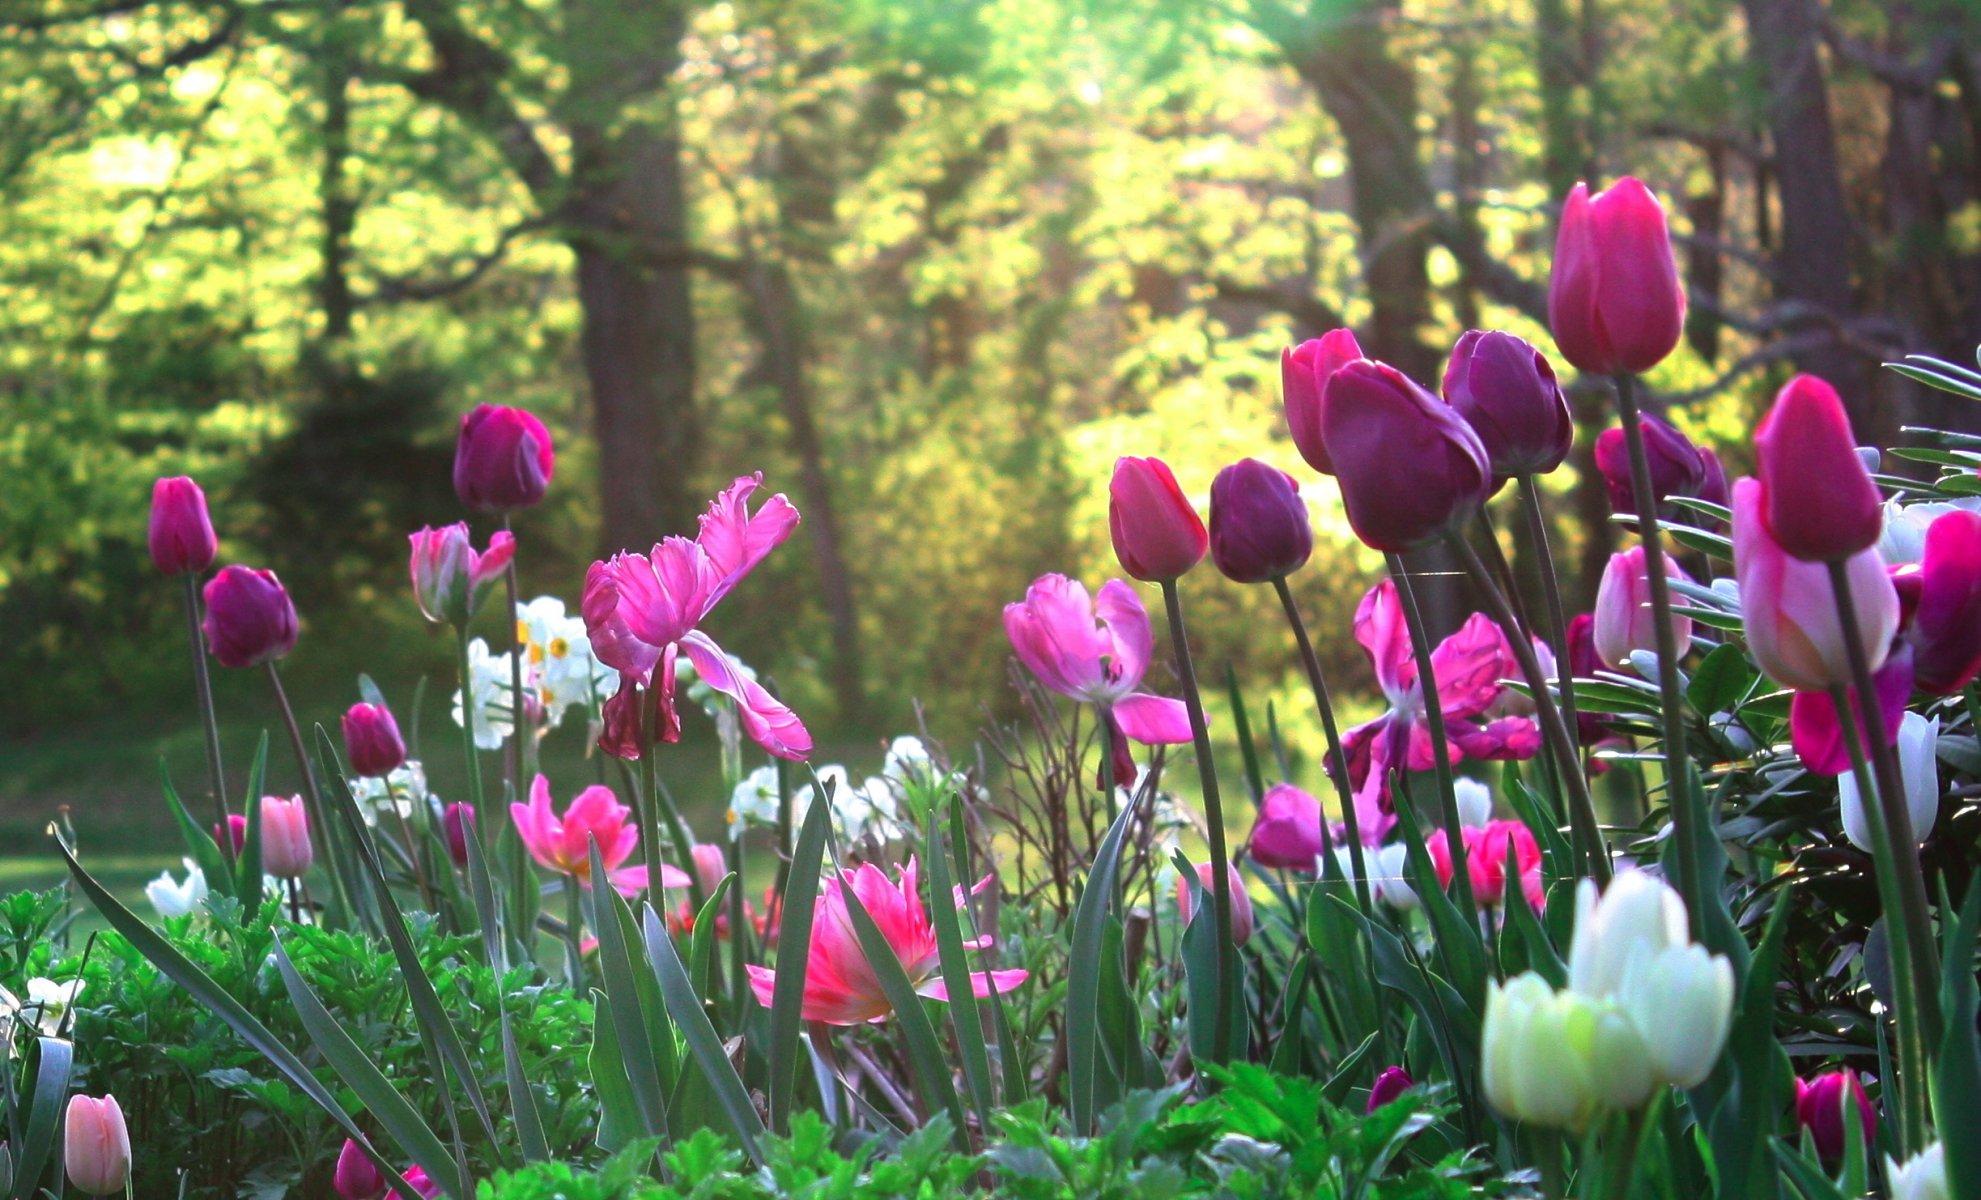 ТОП-7 самых красивых цветущих долин мира фото цветочных 79